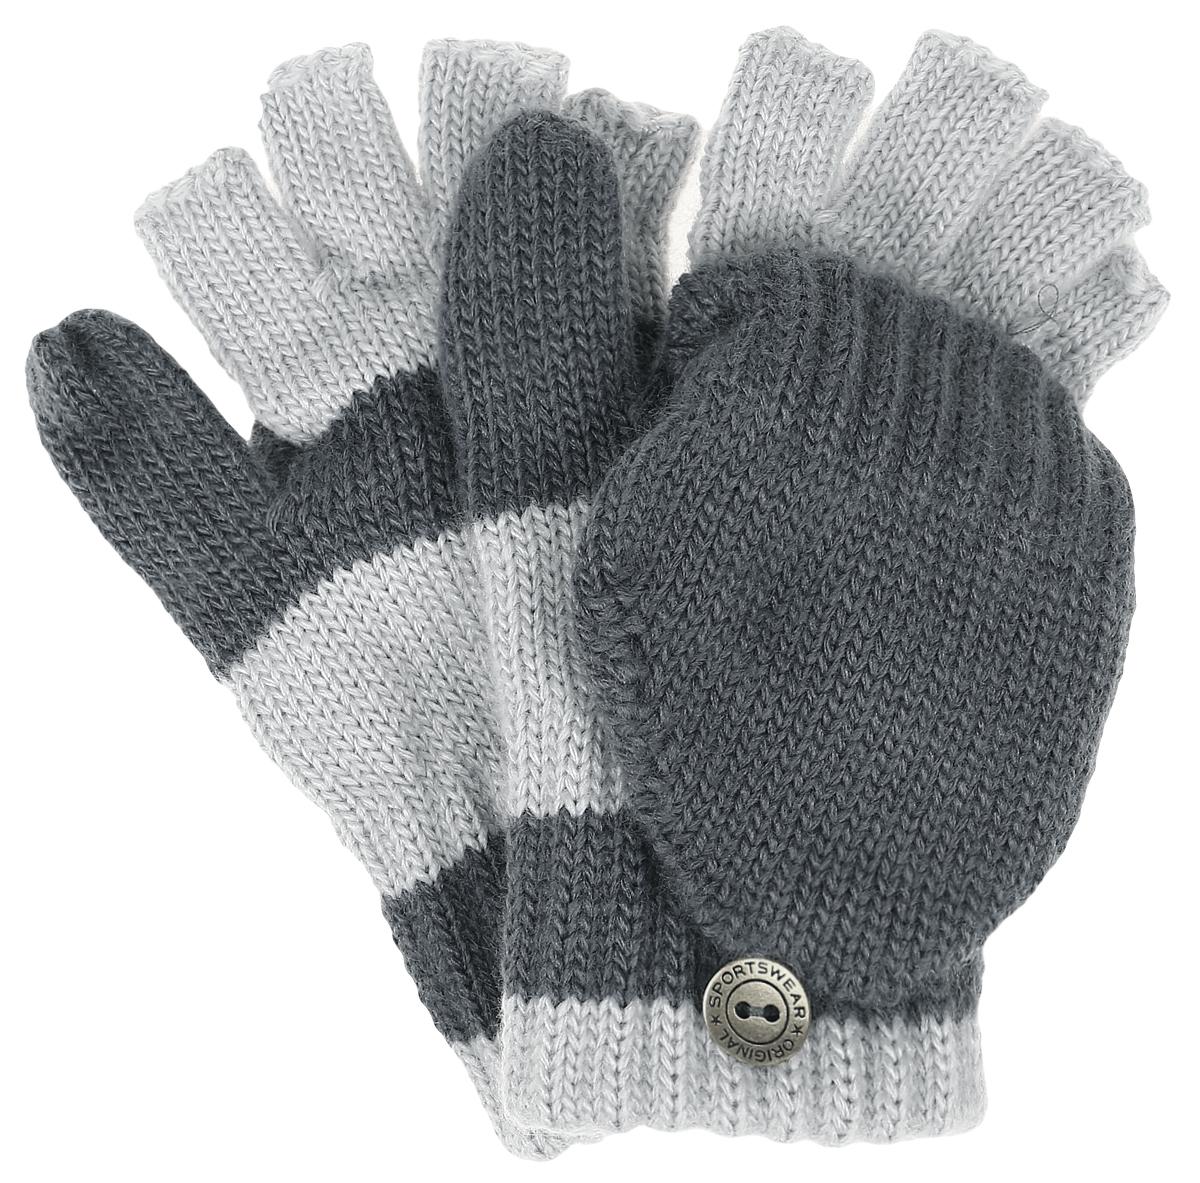 CERES-22Теплые перчатки-варежки для девочки Margot Bis, выполненные из высококачественного акрила, хорошо сохраняют тепло. Изделие представляет собой перчатки без пальцев, к внешней стороне которых крепится капюшон, накинув его на пальцы, перчатки превращаются в варежки. Капюшон фиксируется на перчатке при помощи пуговицы. Специальная манжетная резинка не допустит попадания снега и надёжно удержит перчатки на руке. Модель оформлена принтом в полоску.